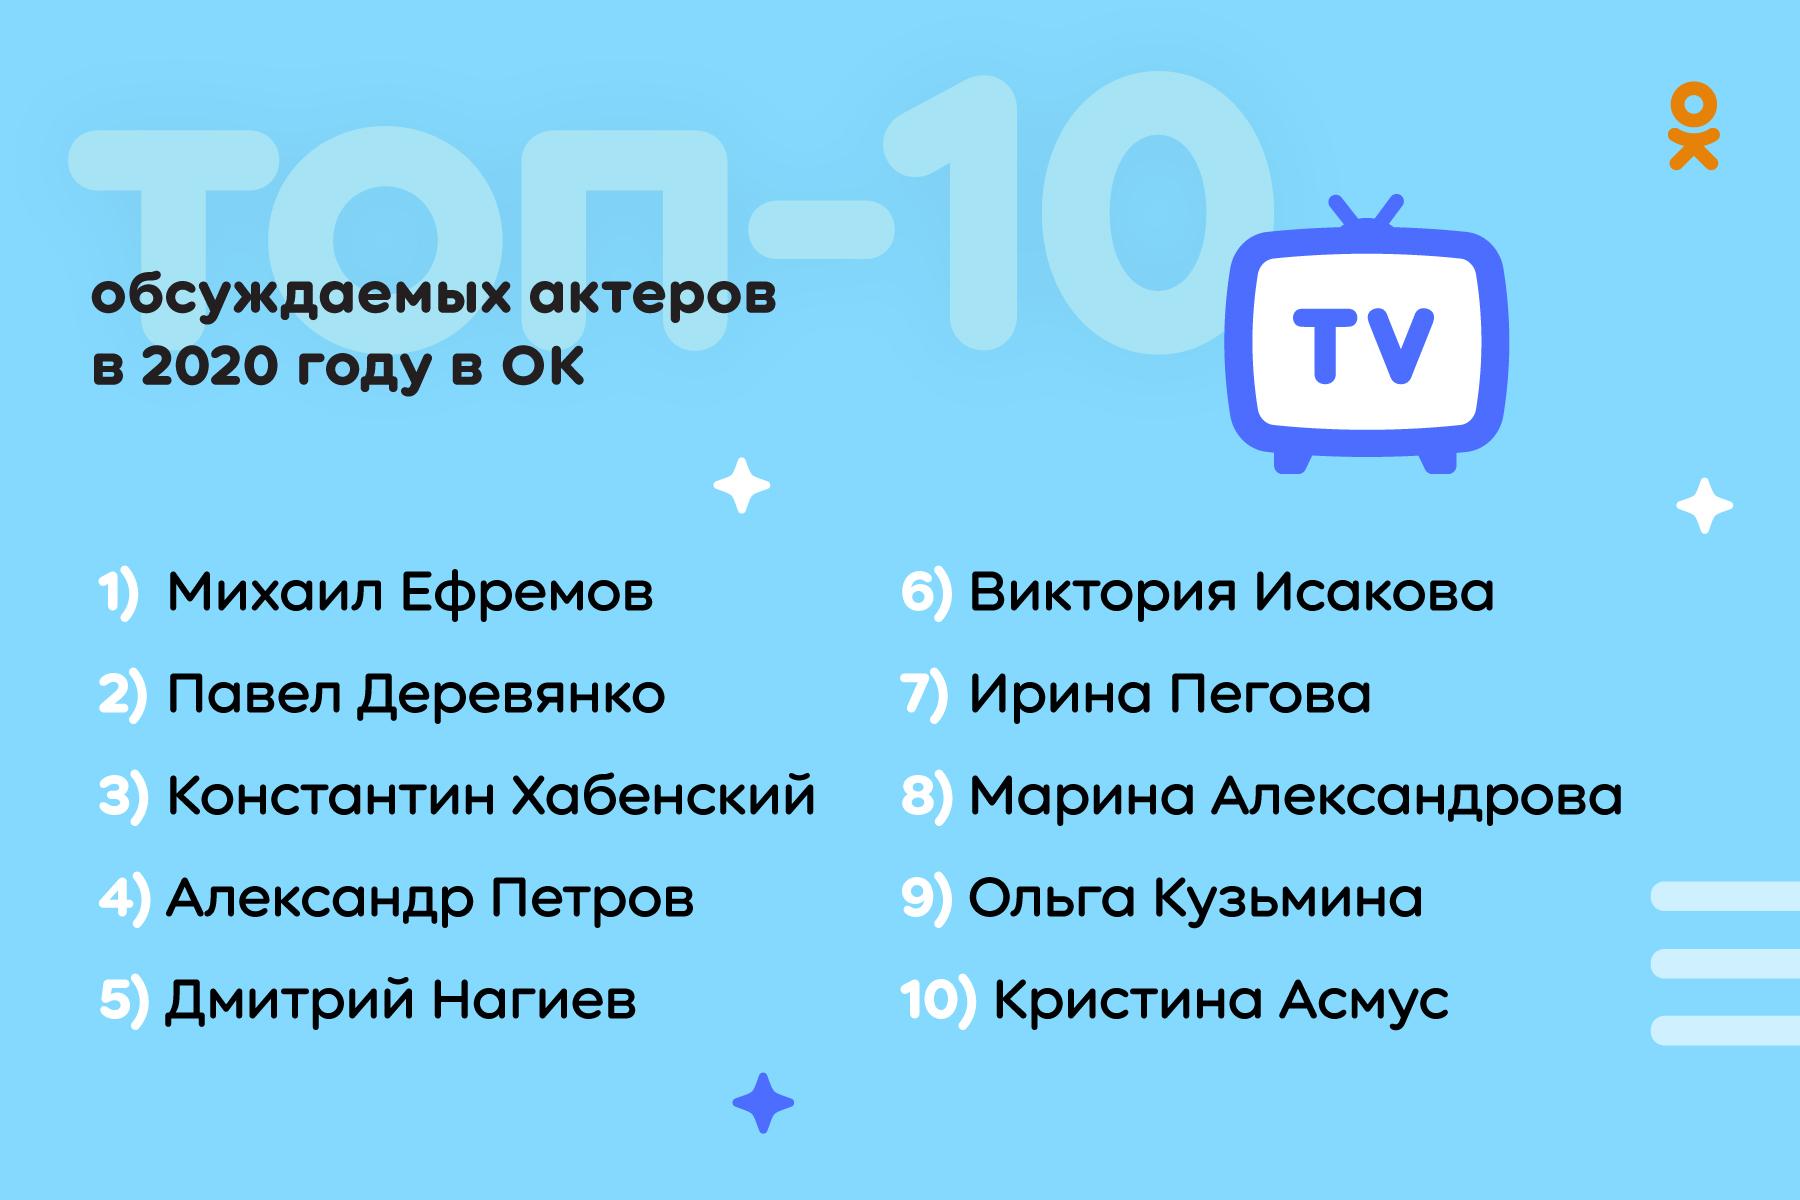 Главные новости Одноклассников за декабрь, которые нельзя пропустить